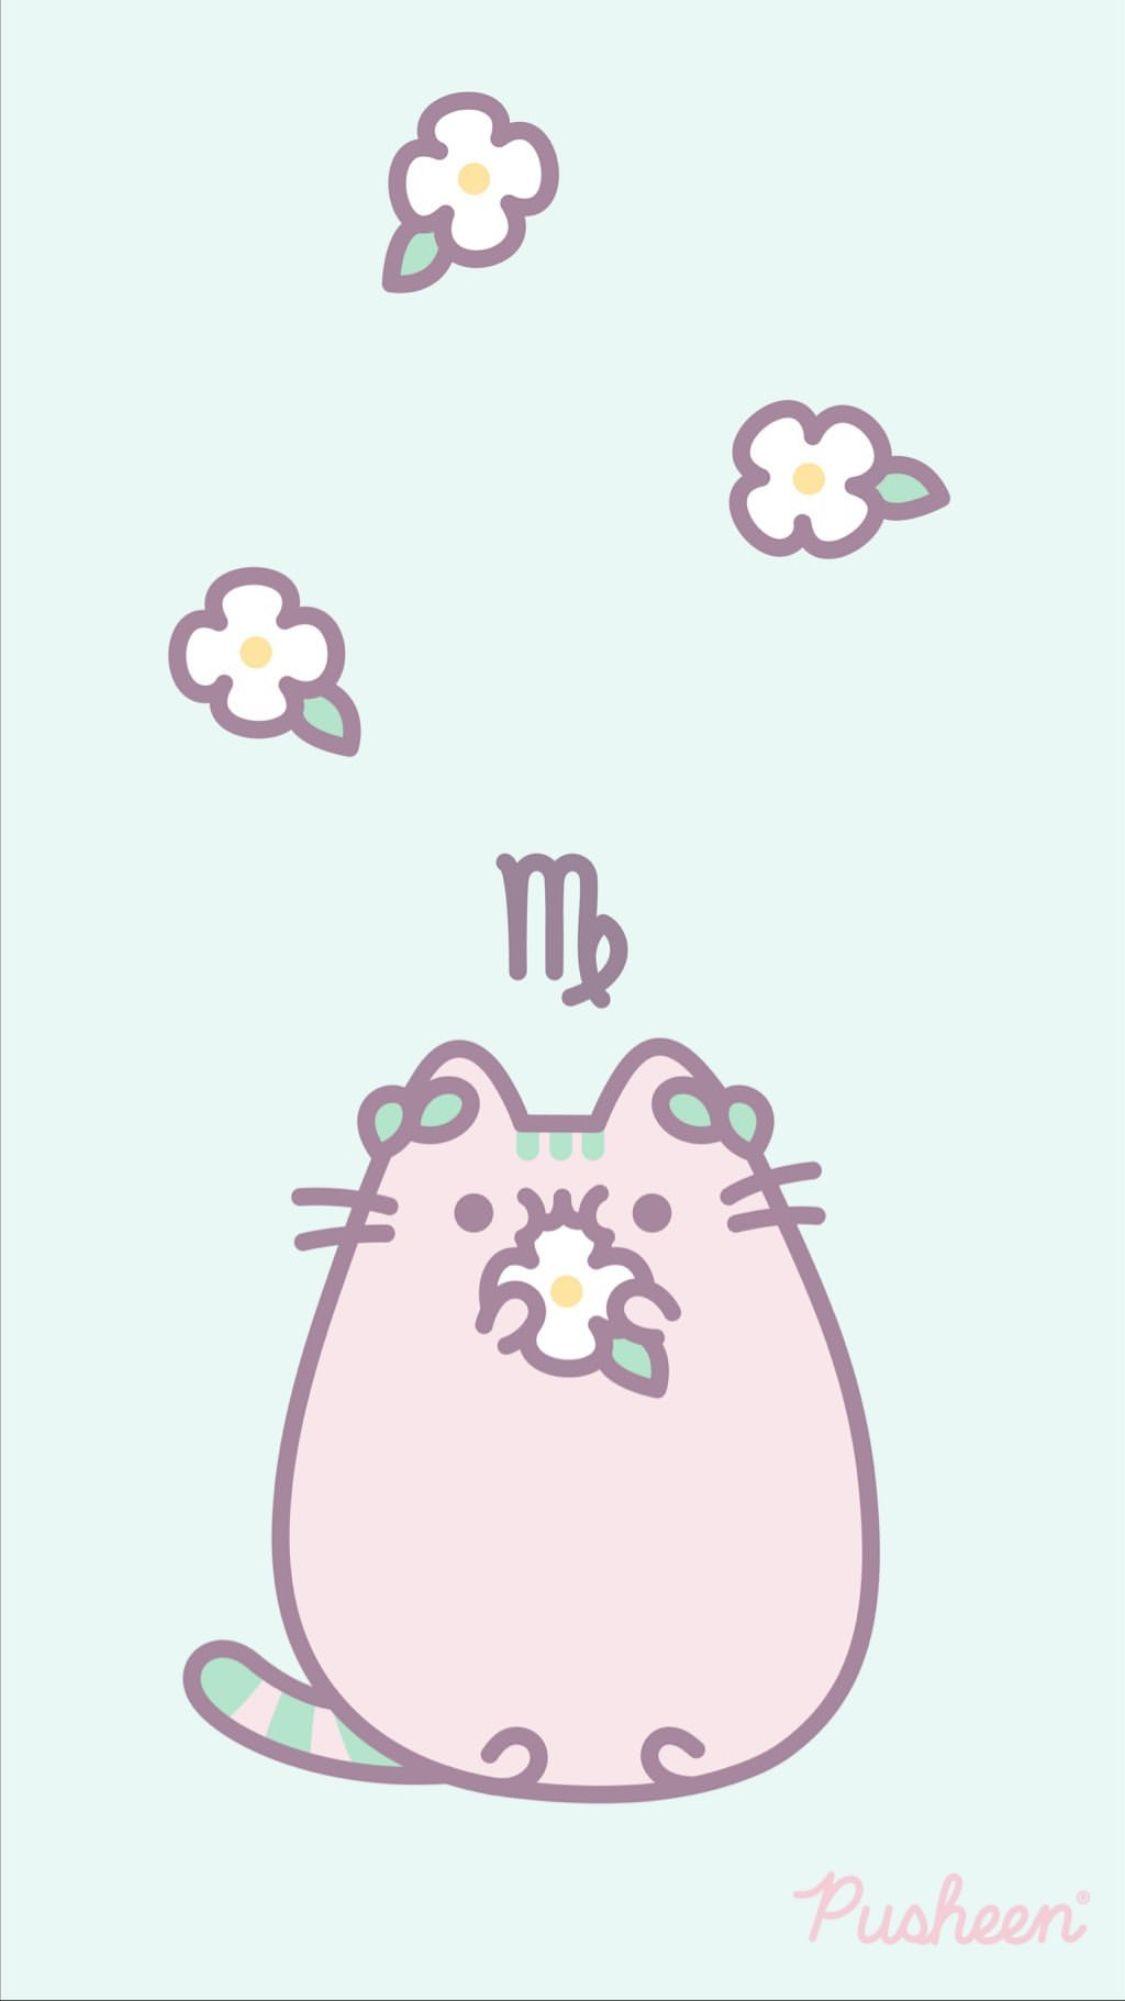 Pin By Kat Renee On Kawaii Pusheen Cute Pusheen Cat Pusheen